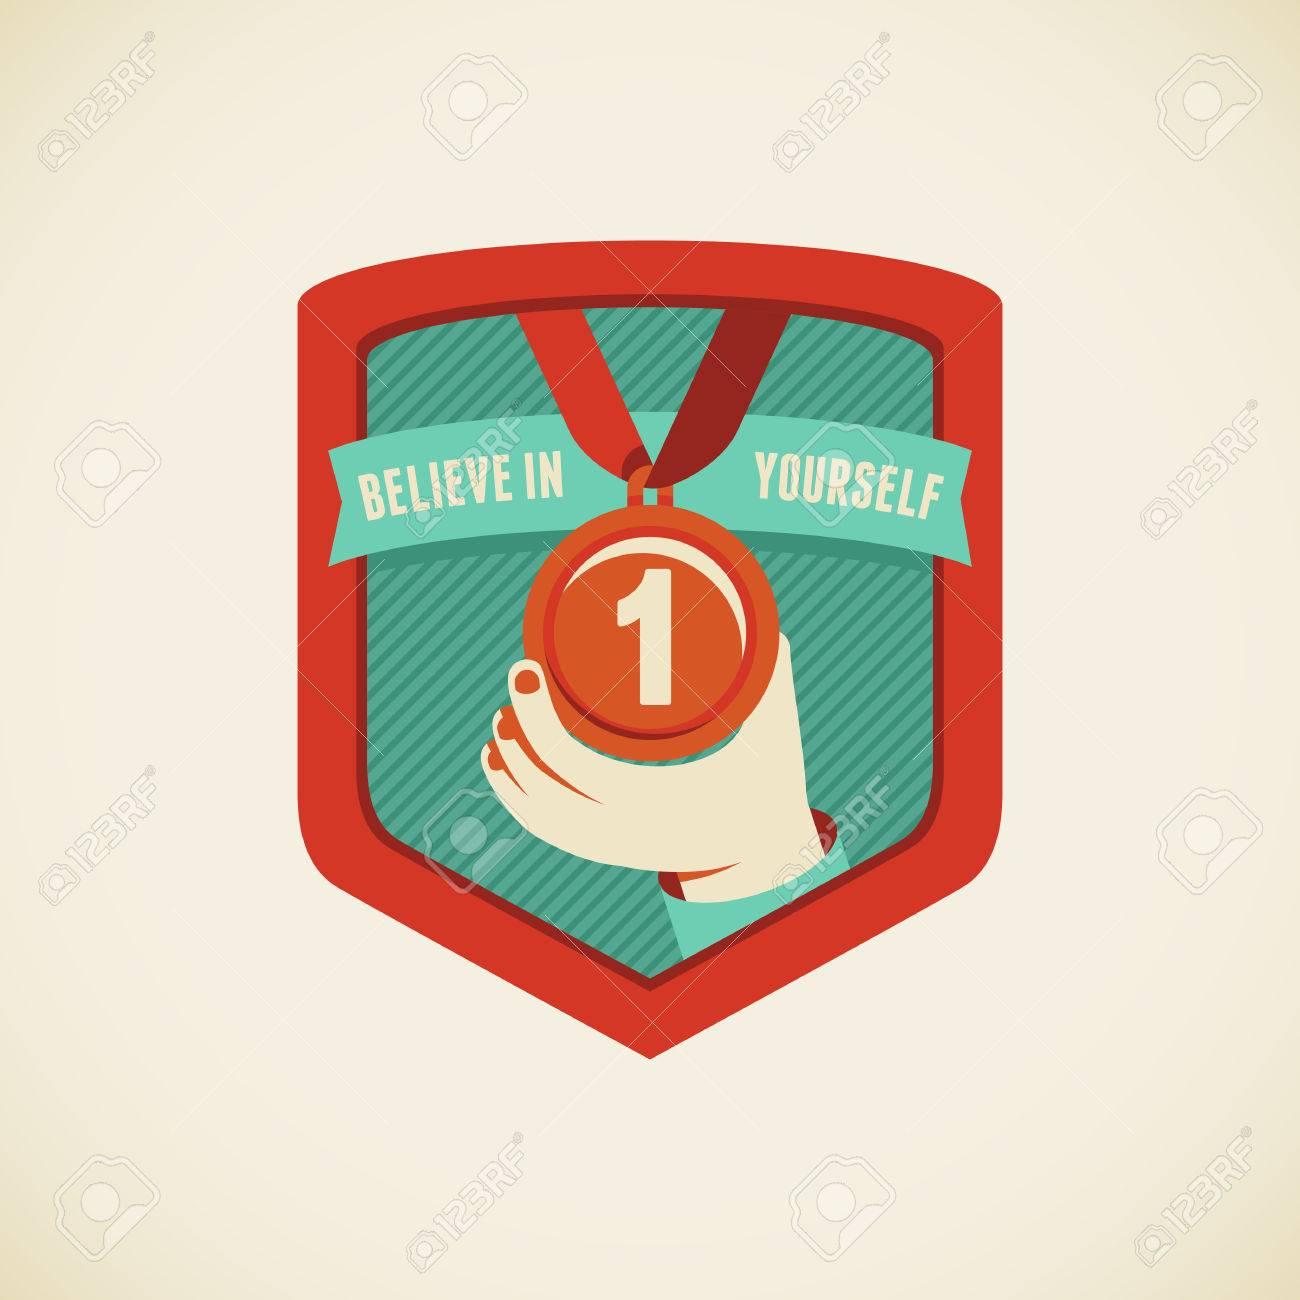 Vector badge in flat style - believe in yourself Stock Vector - 25253572